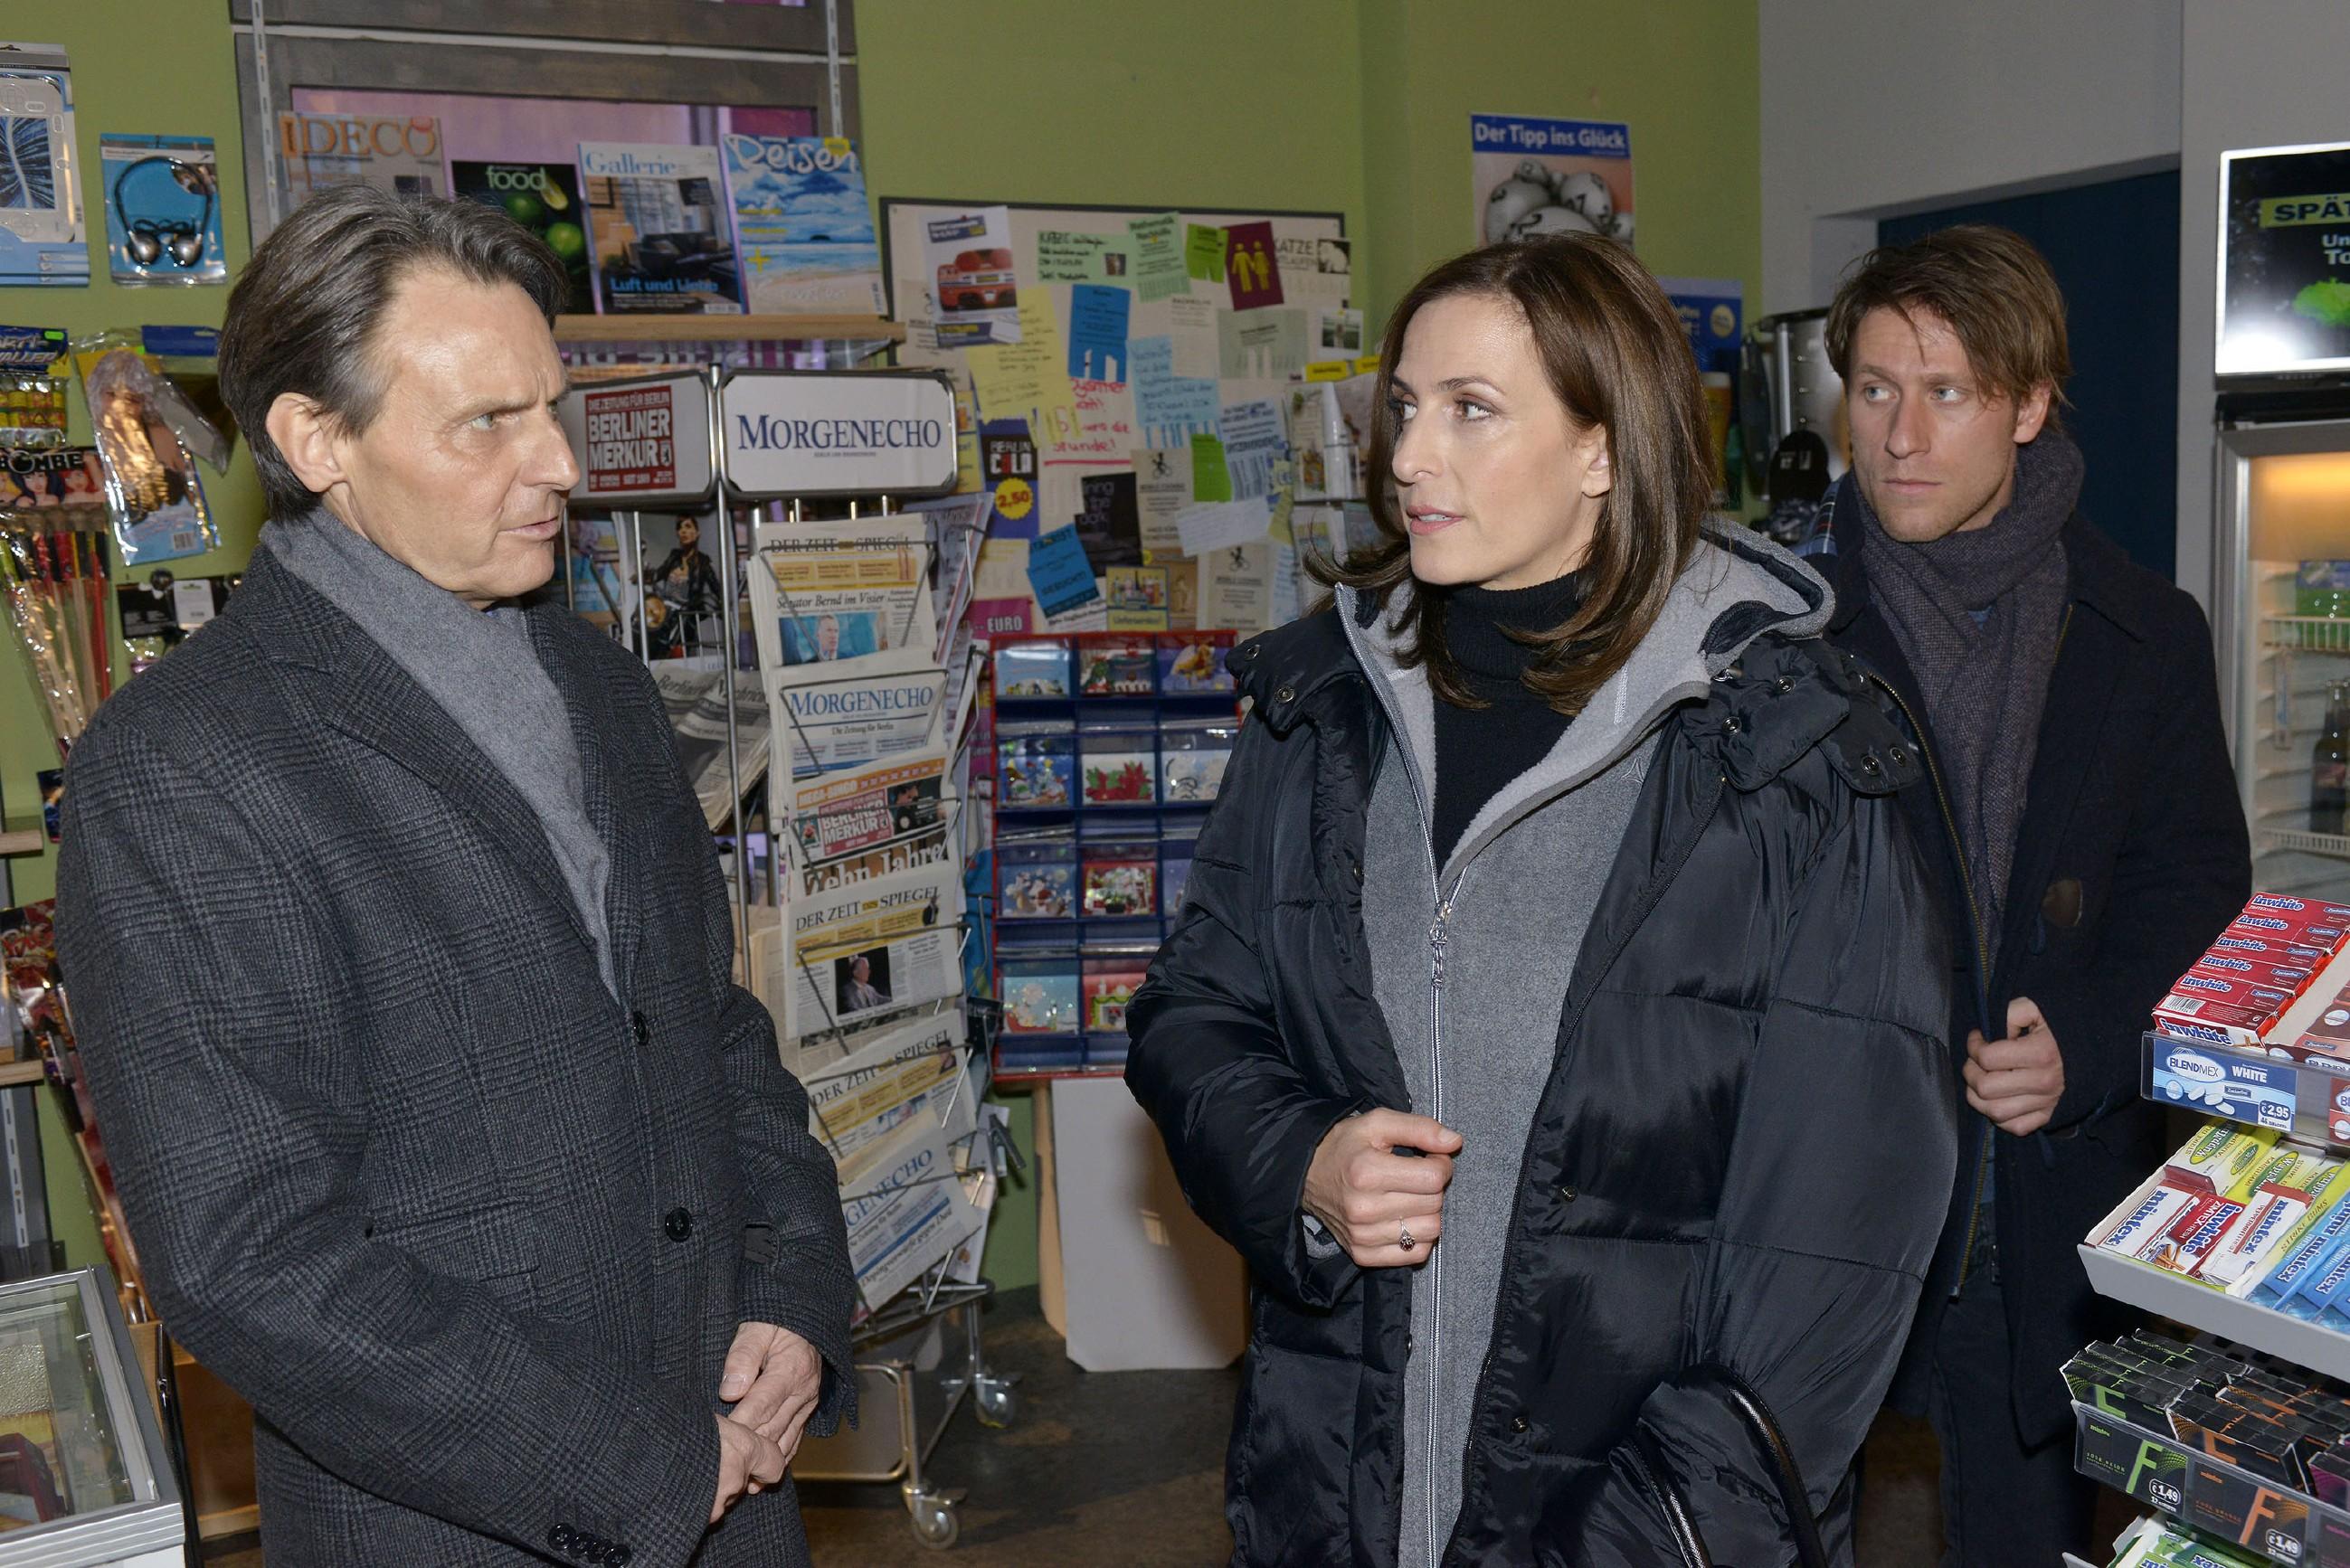 Gerner (Wolfgang Bahro, l.) trifft kurz vor dem Jahreswechsel auf Katrin (Urlike Frank) und Till (Merlin Leonhardt) und geht einen Schritt auf Katrin zu.